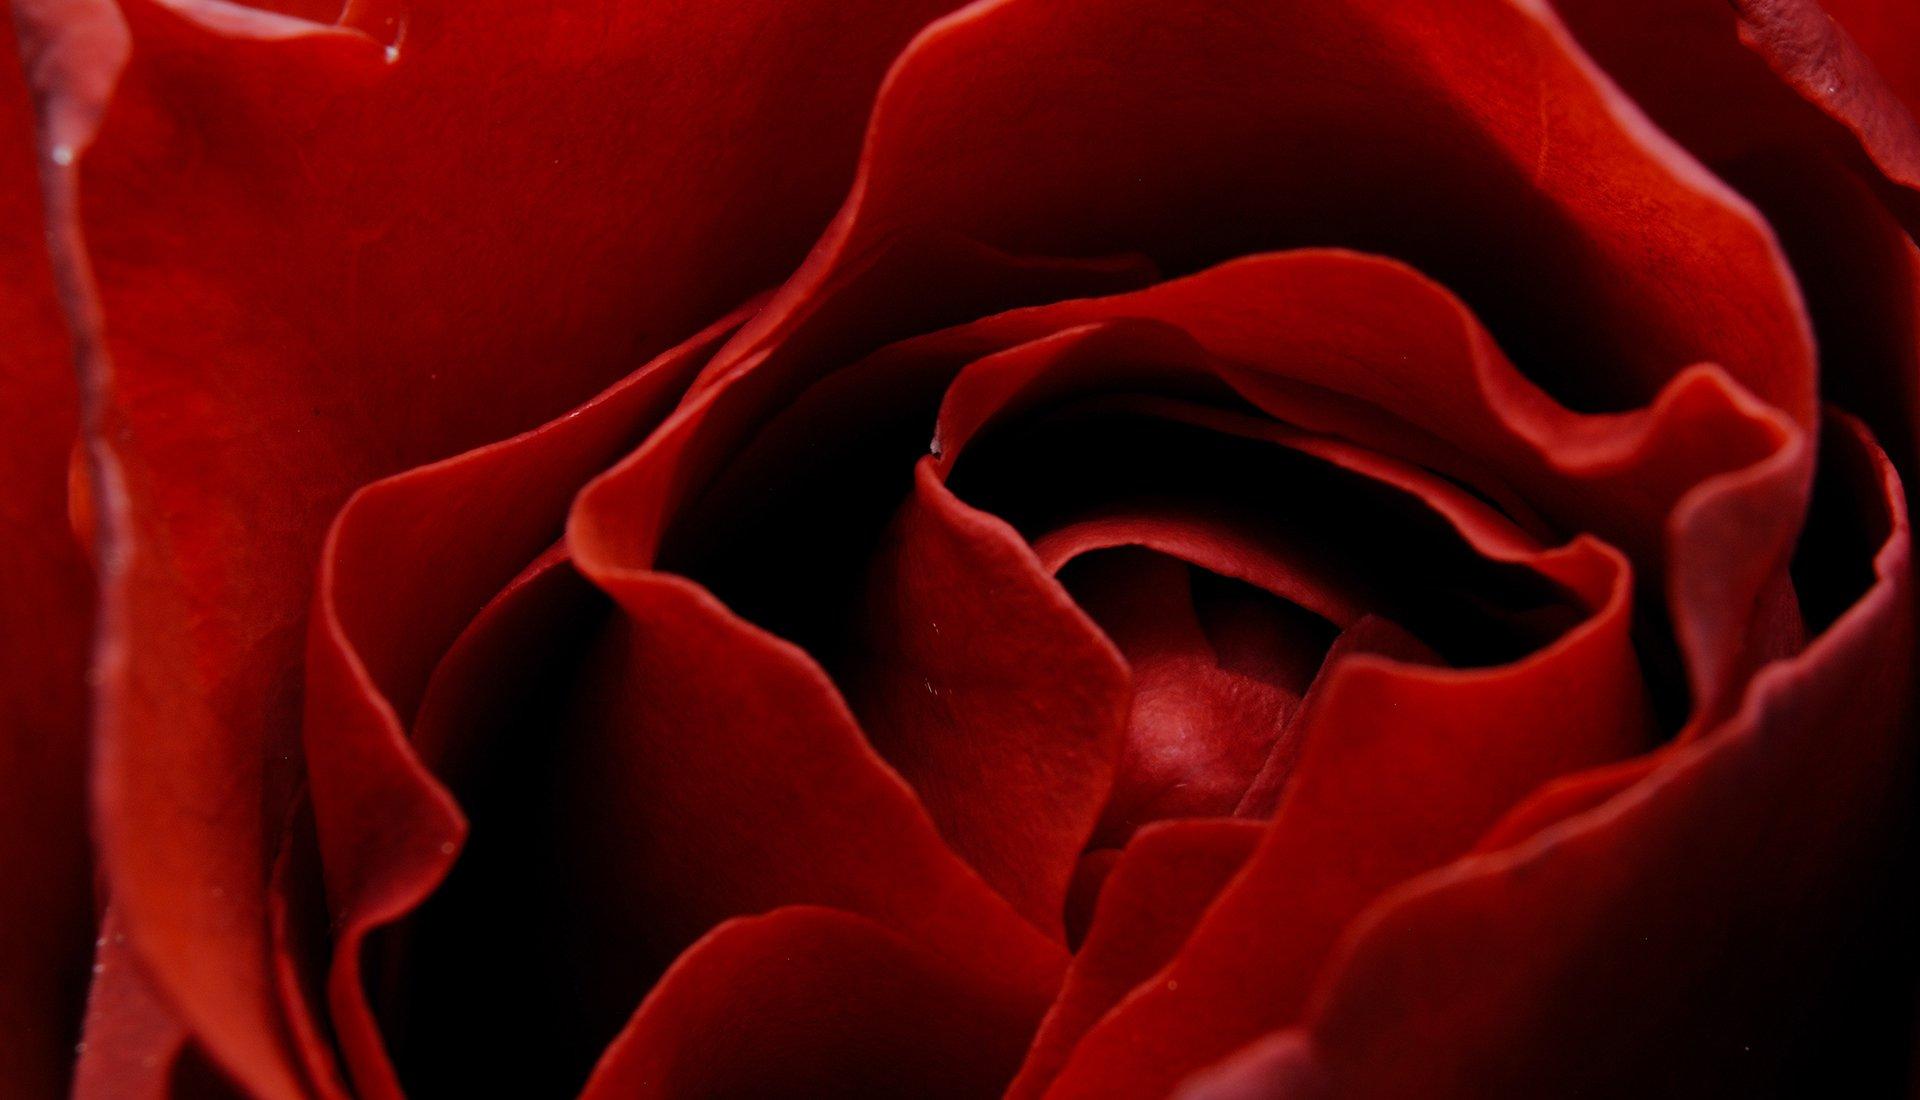 一覺醒來被自己嚇一跳,臉上一粒一粒紅紅的是怎麼回事?